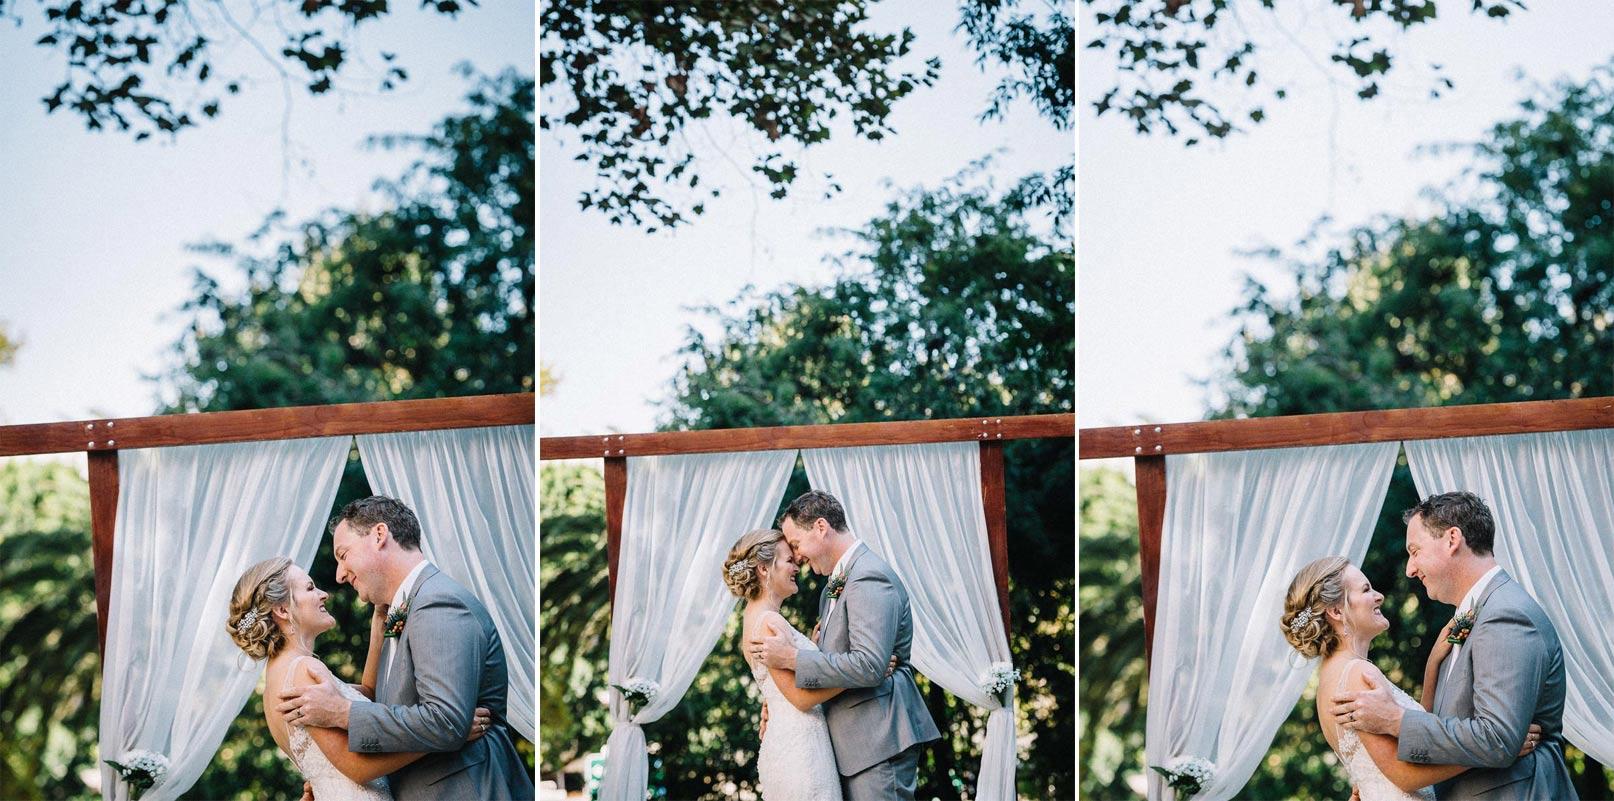 best-perth-wedding-venues-weddings-34.jpg